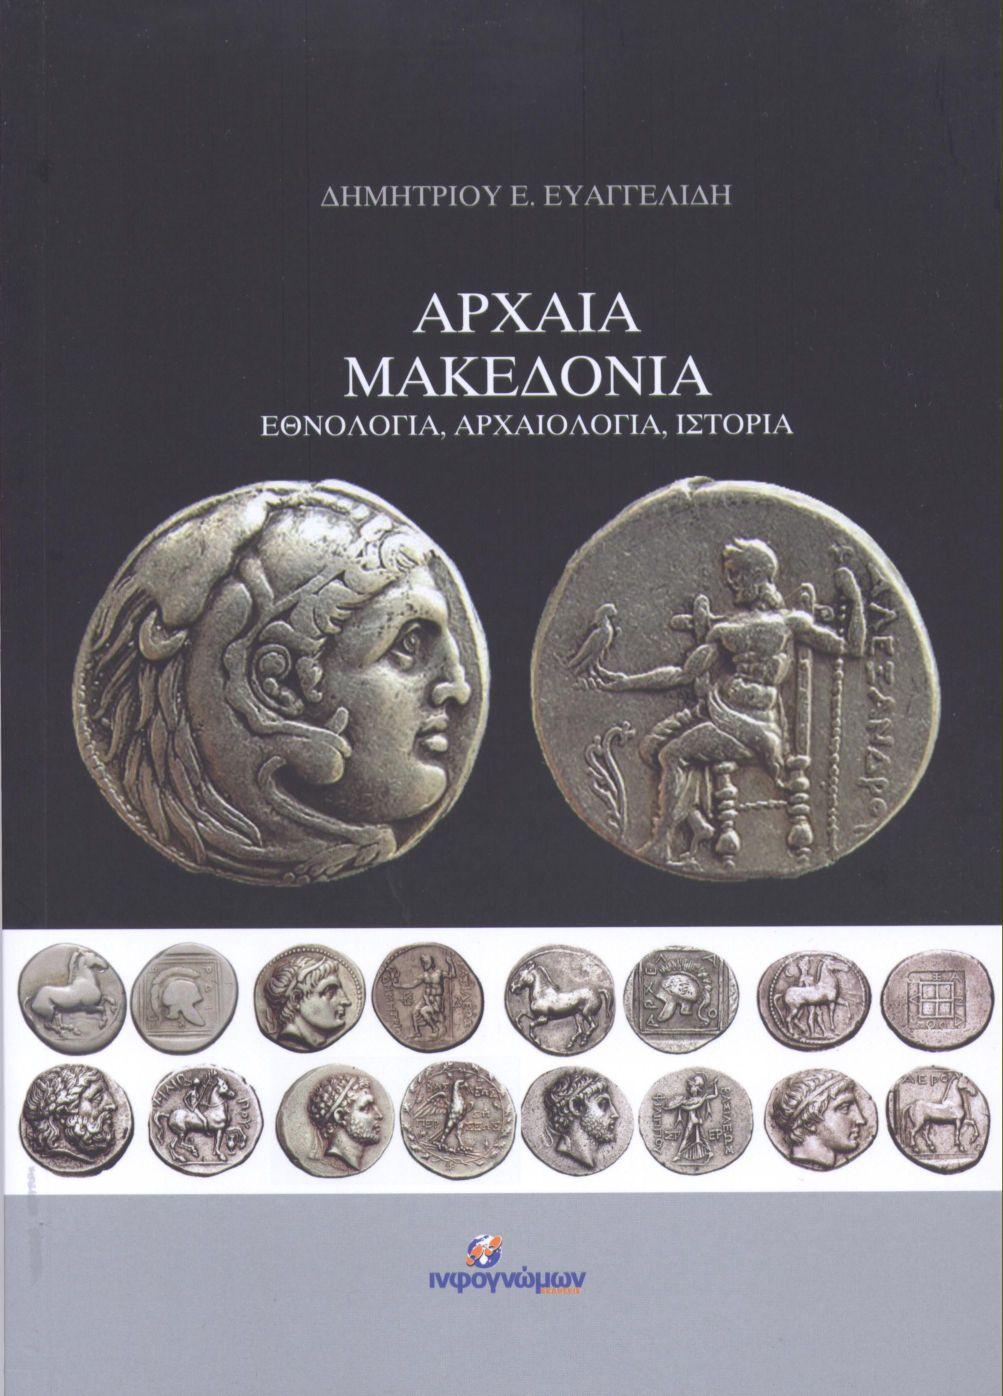 Παρουσίαση του βιβλίου του Δημητρίου Ε. Ευαγγελίδη «Αρχαία Μακεδονία: Εθνολογία, Αρχαιολογία, Ιστορία»